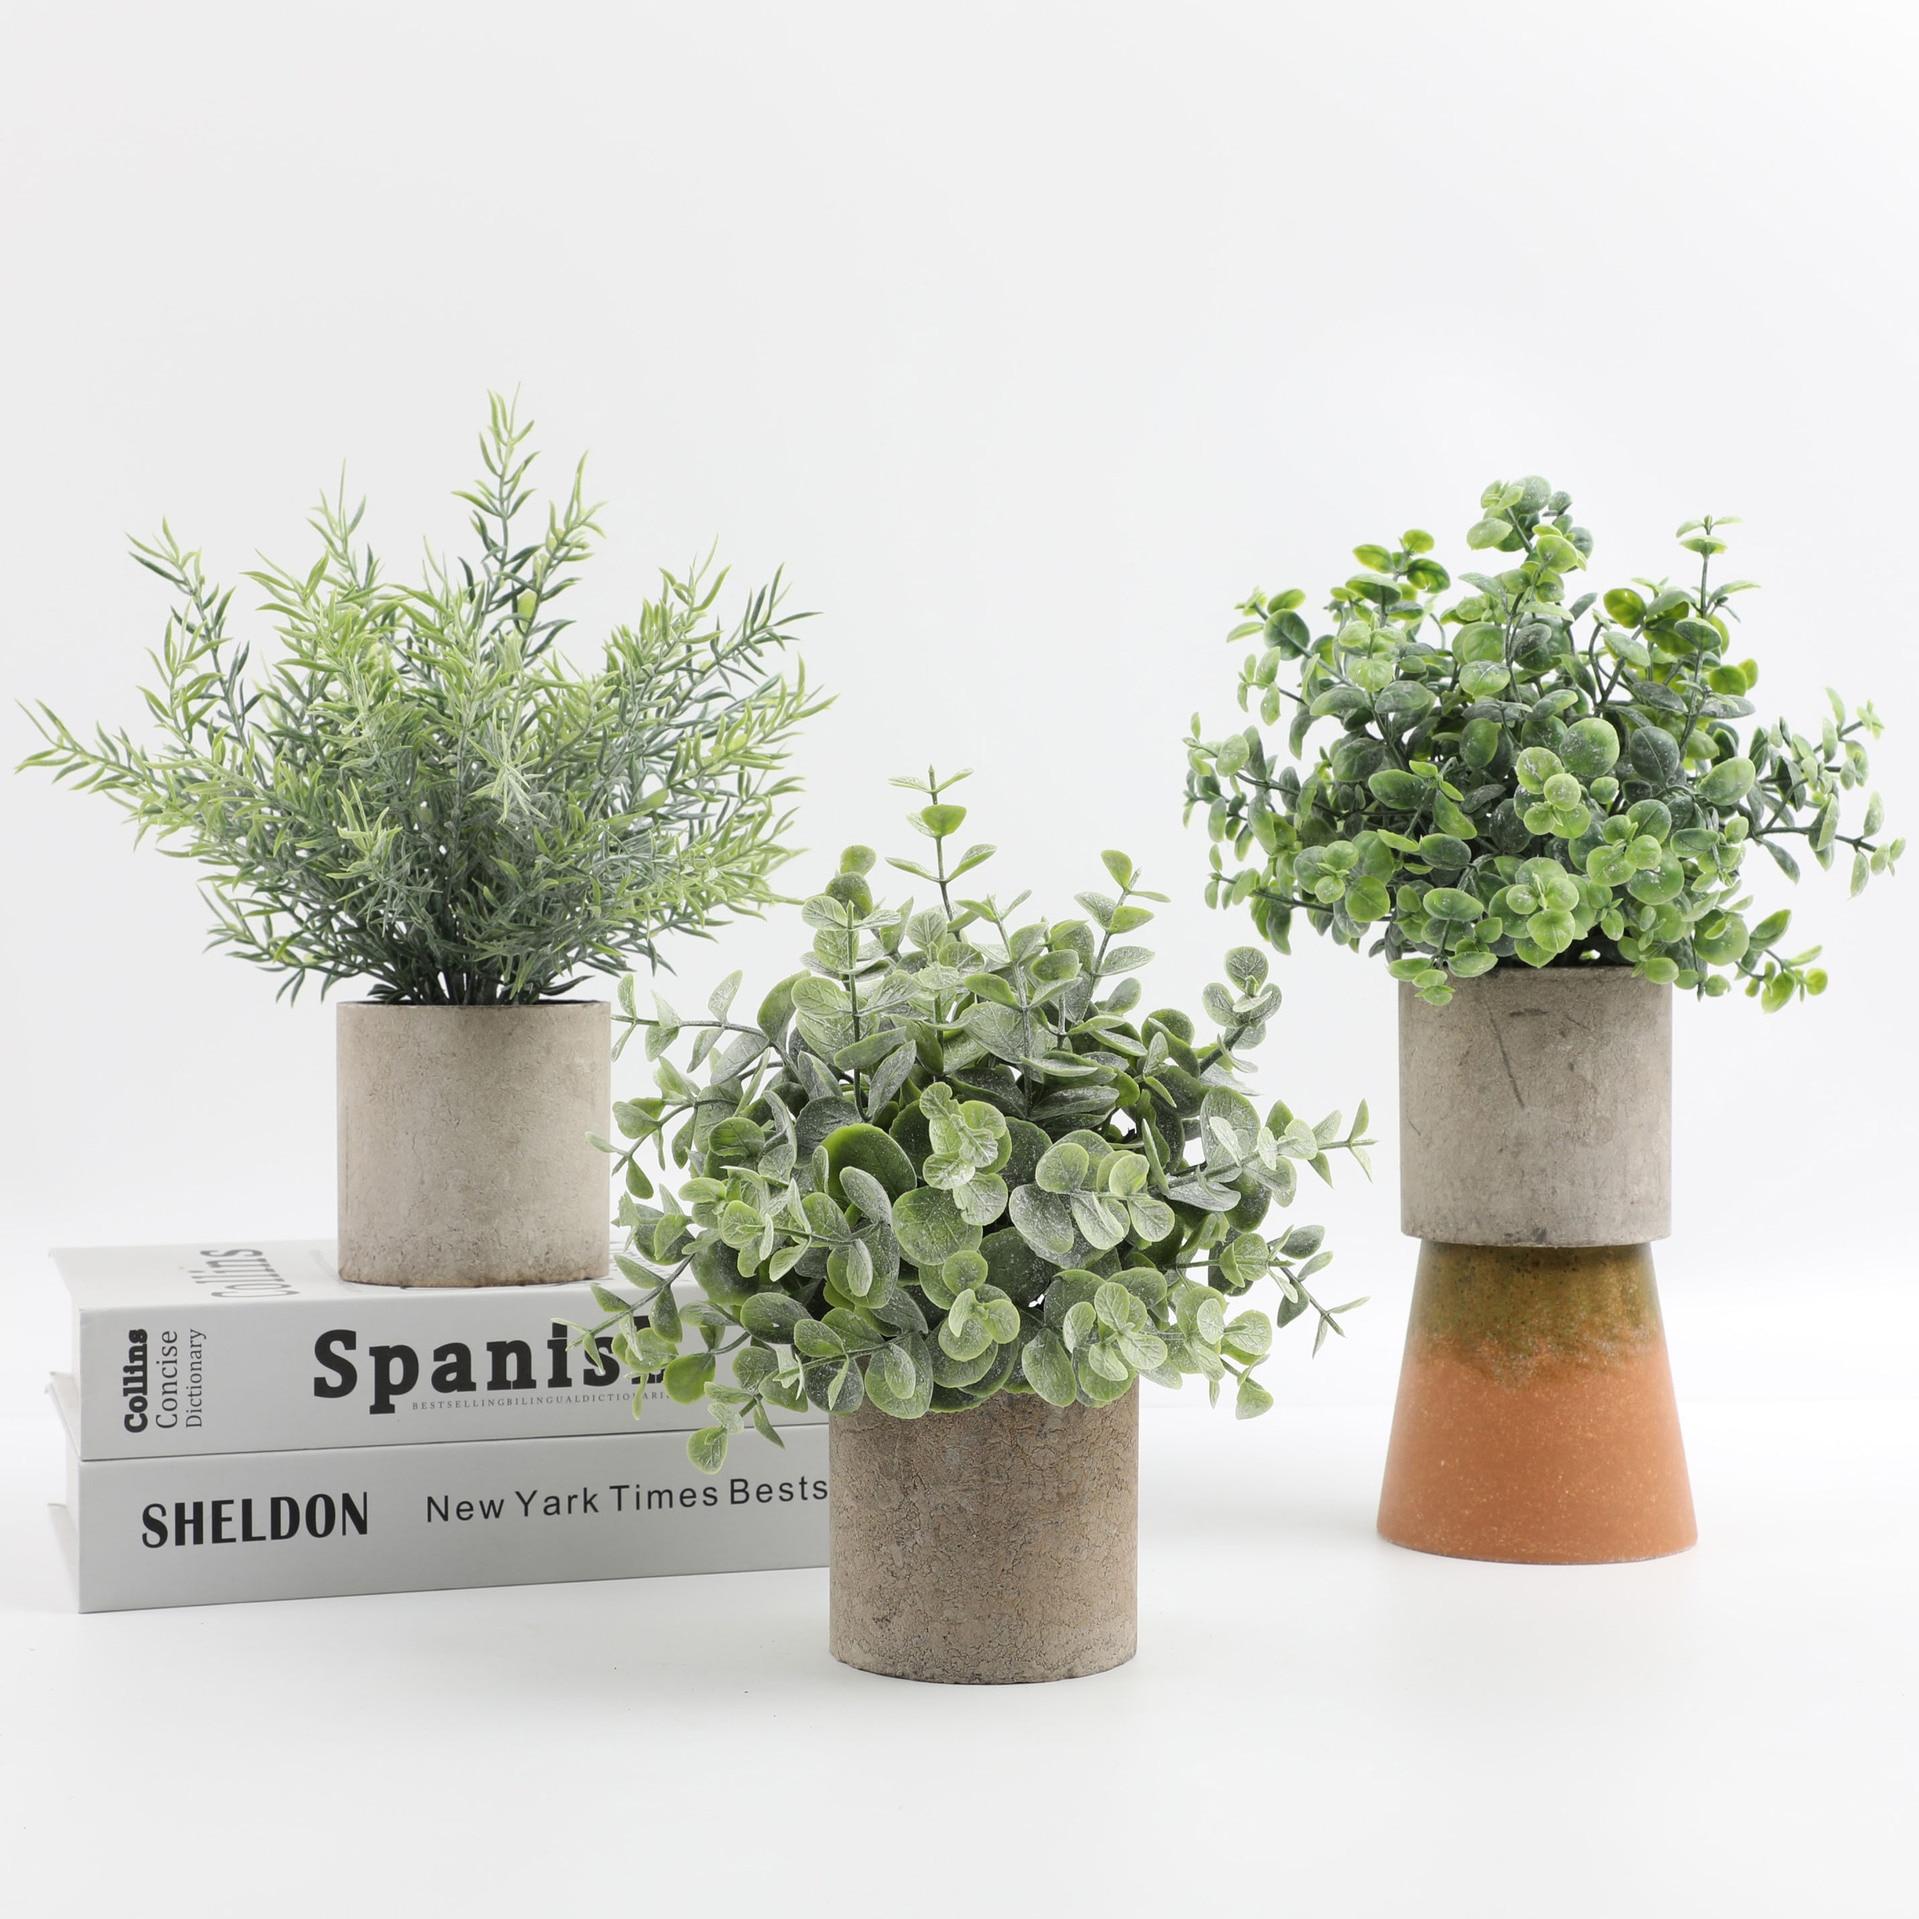 Искусственные цветы, зеленые Горшки Бонсай, искусственные цветы, искусственные цветы для украшения дома, декоративные растения ручной рабо...